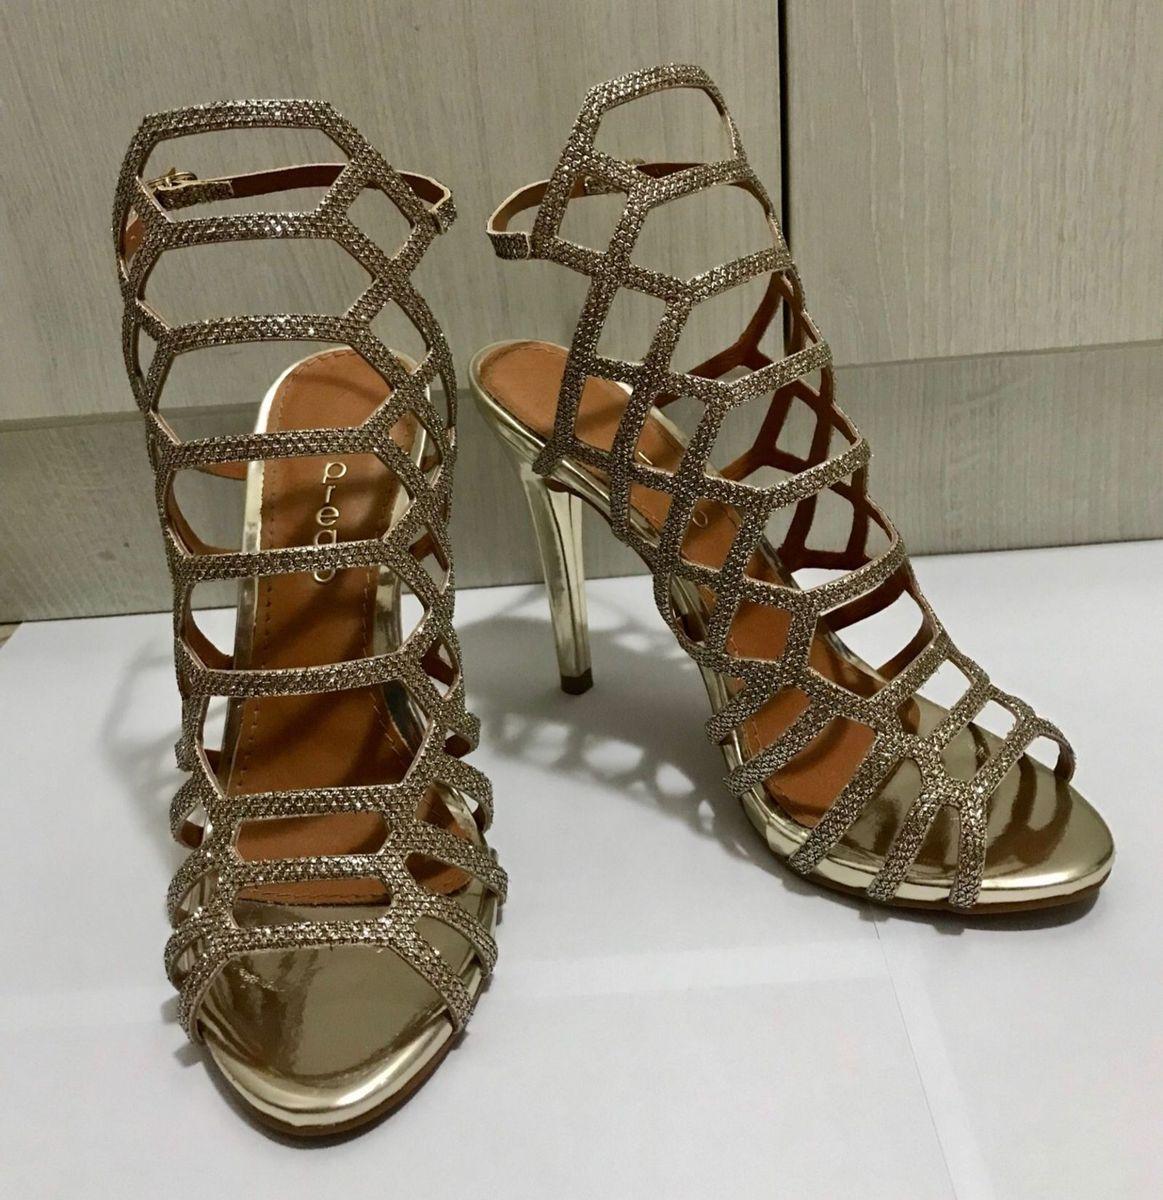 e5c87f06e sandália gladiadora dourada - sandálias prego.  Czm6ly9wag90b3muzw5qb2vplmnvbs5ici9wcm9kdwn0cy85nzc4mda1lzrlntgyzgeynjjhnjblmgzinjkyytg0ywjjnjkyzwq5lmpwzw